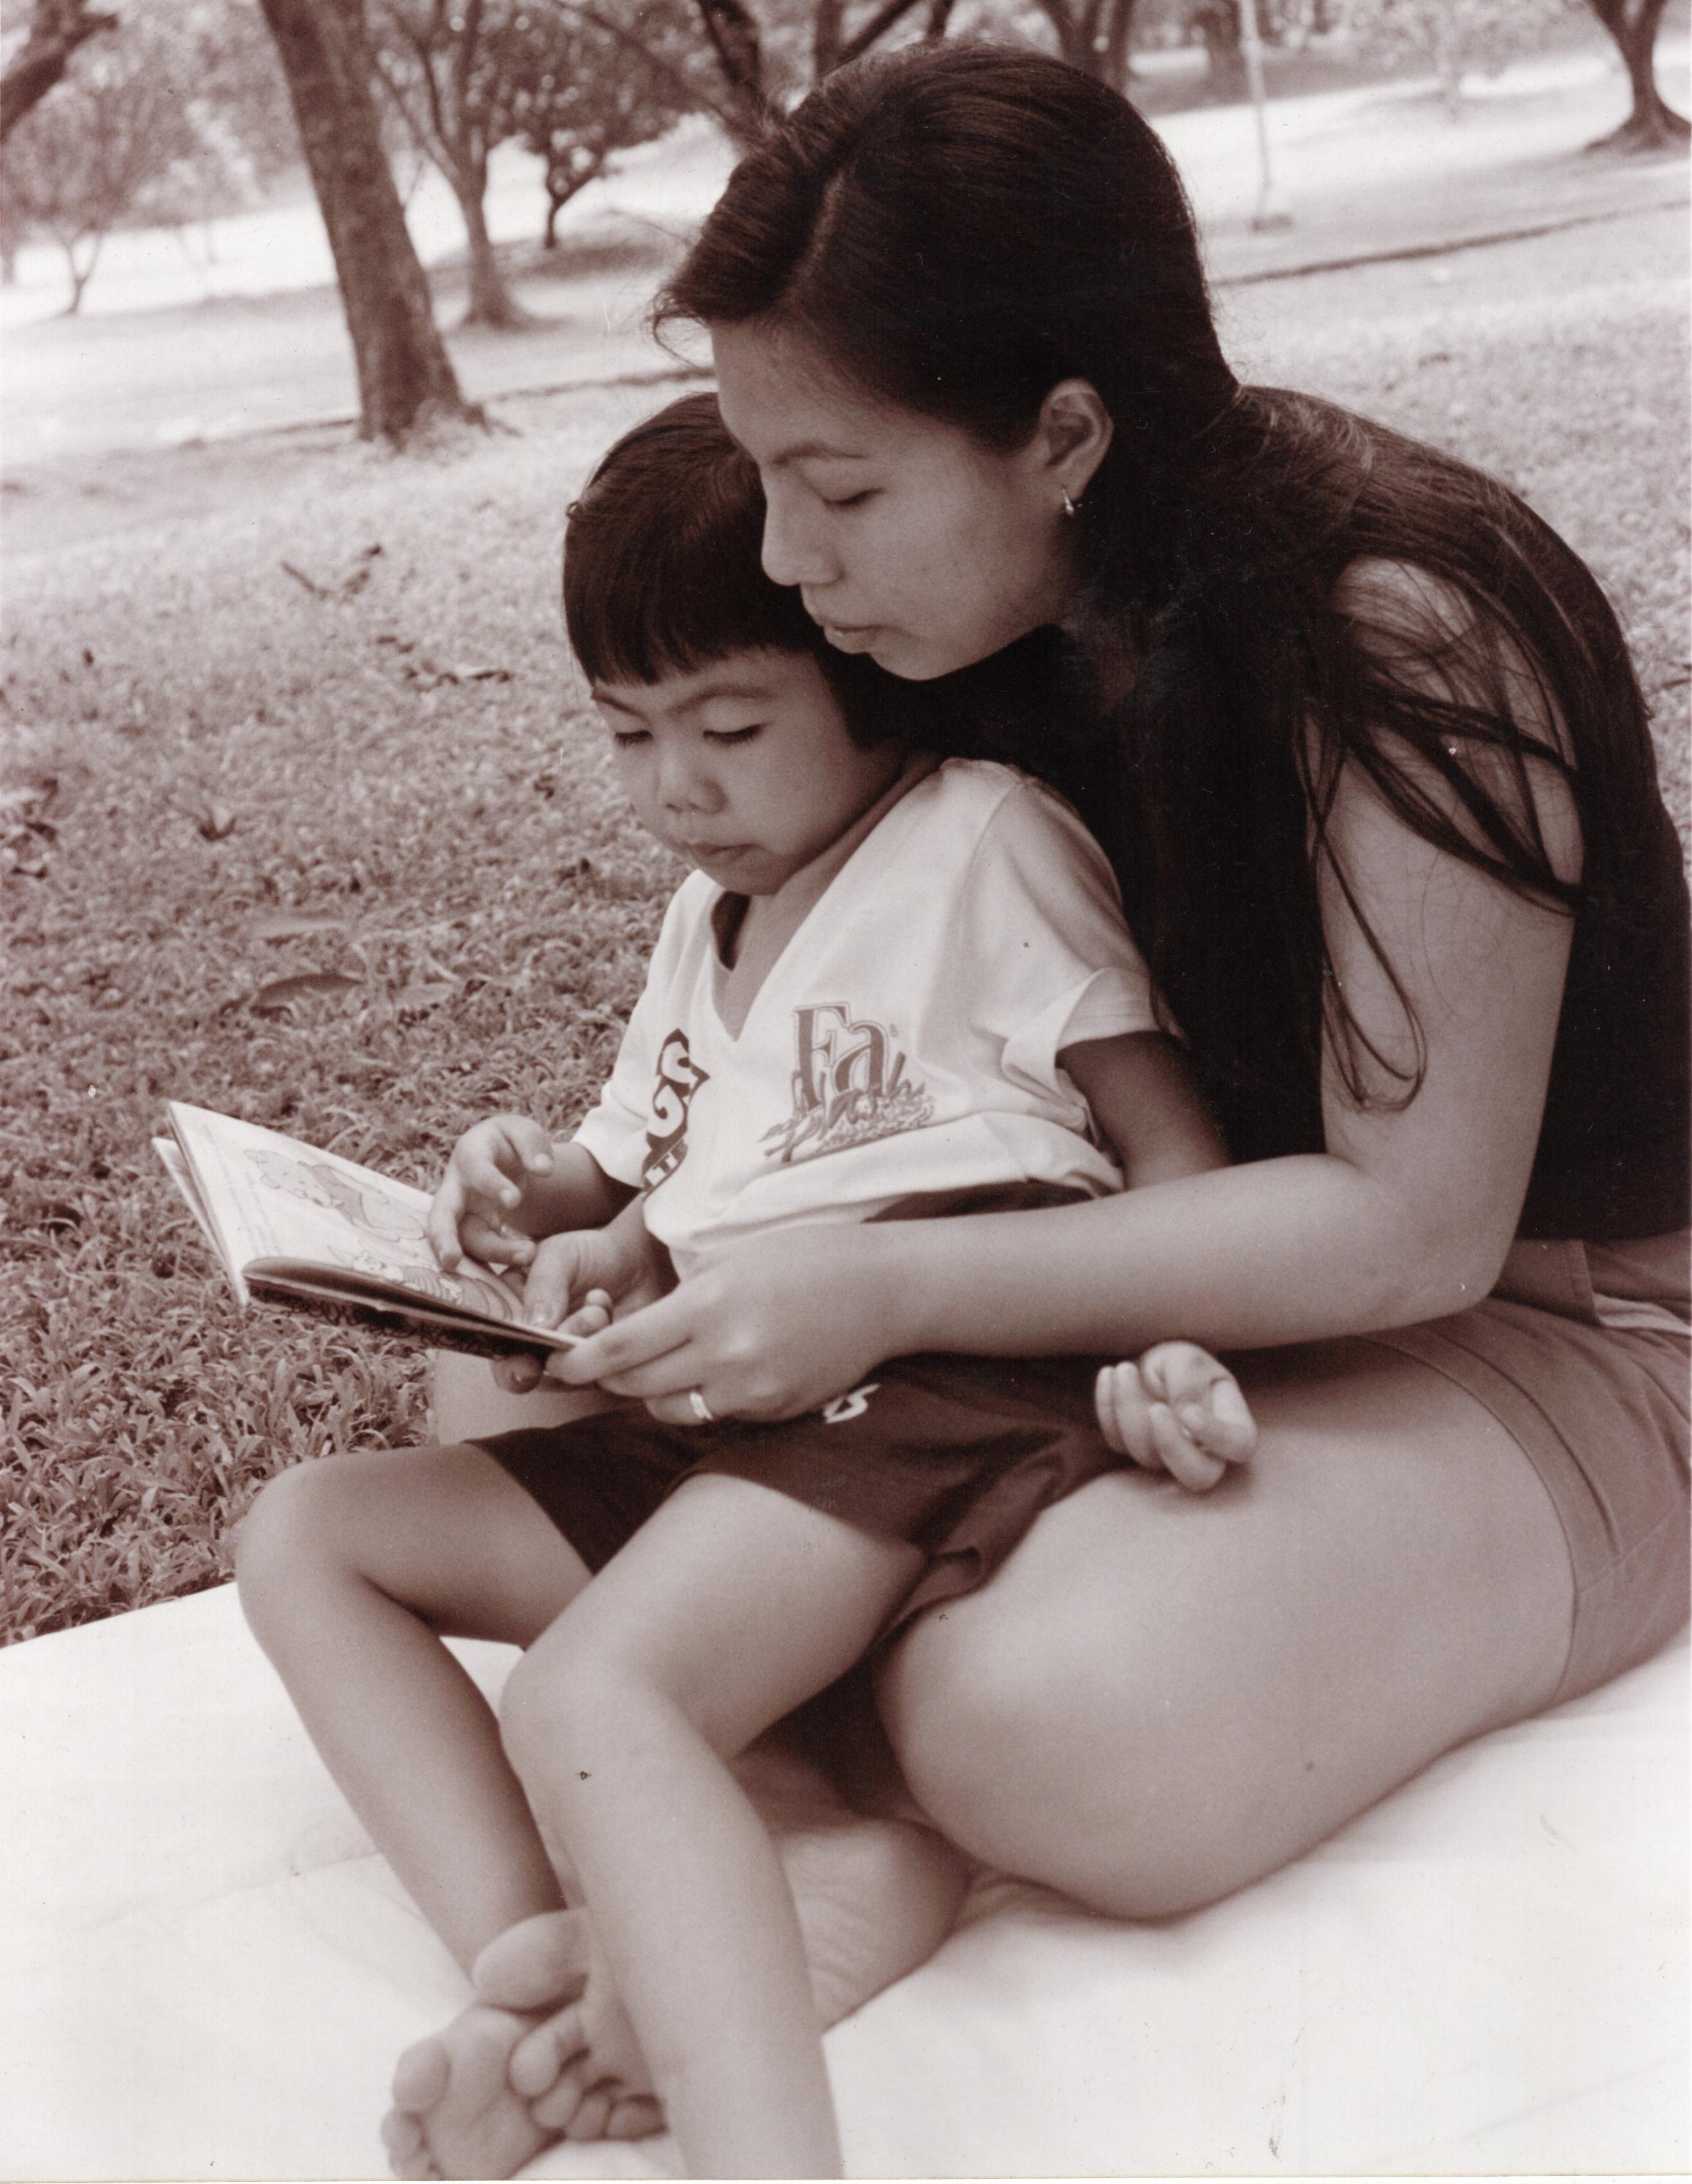 My sister Sinag and her daughter Raya